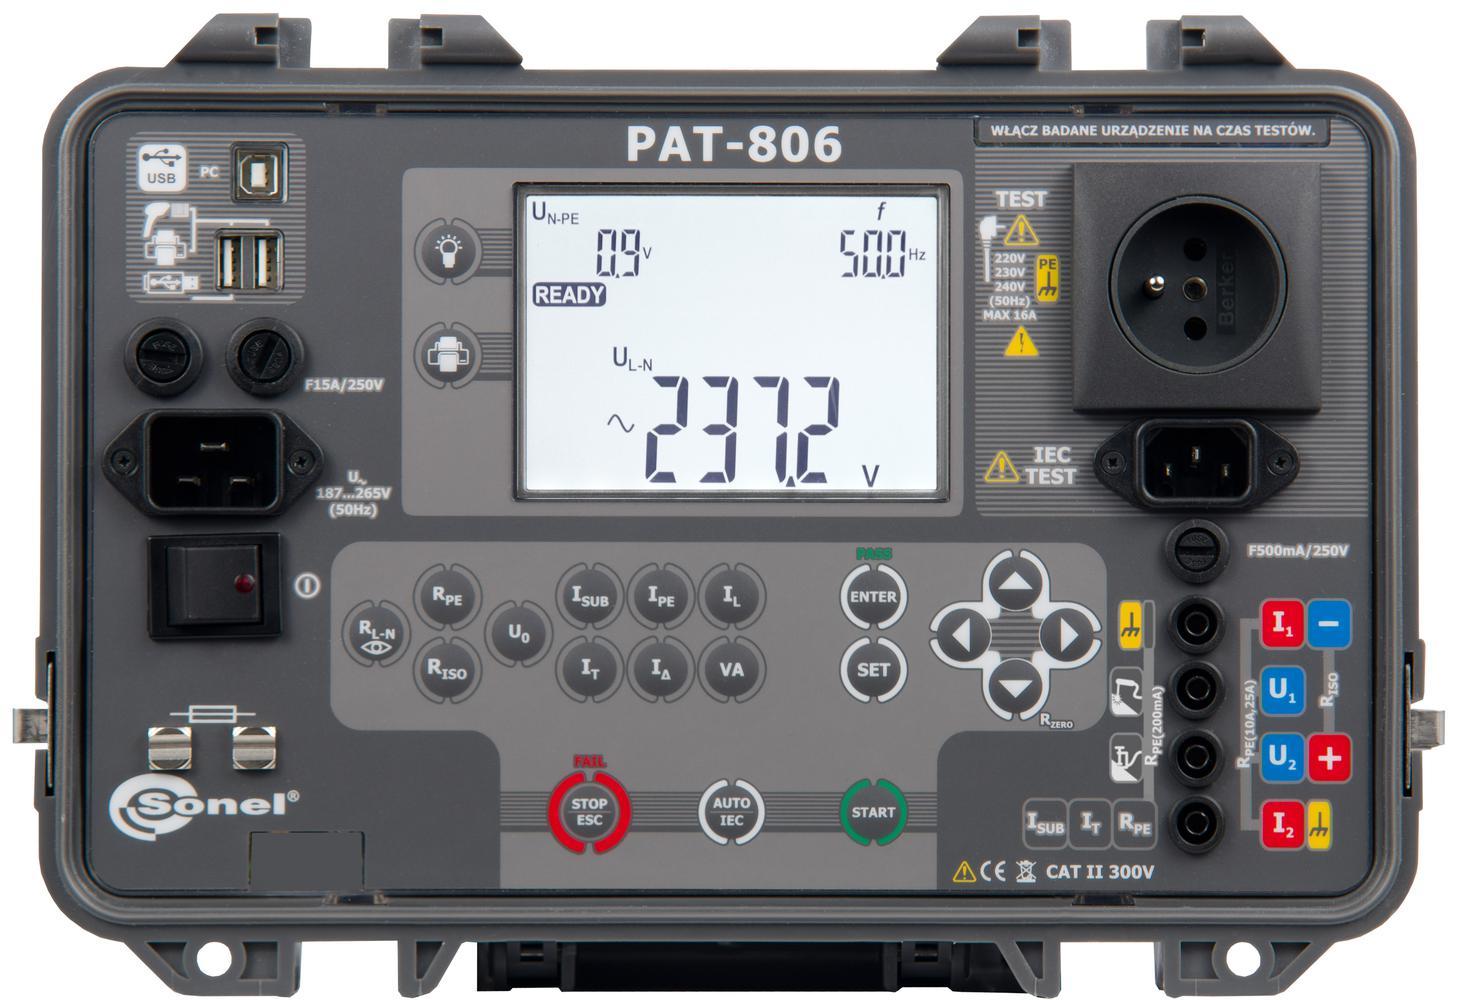 PAT-806 Miernik bezpieczeństwa sprzętu elektrycznego